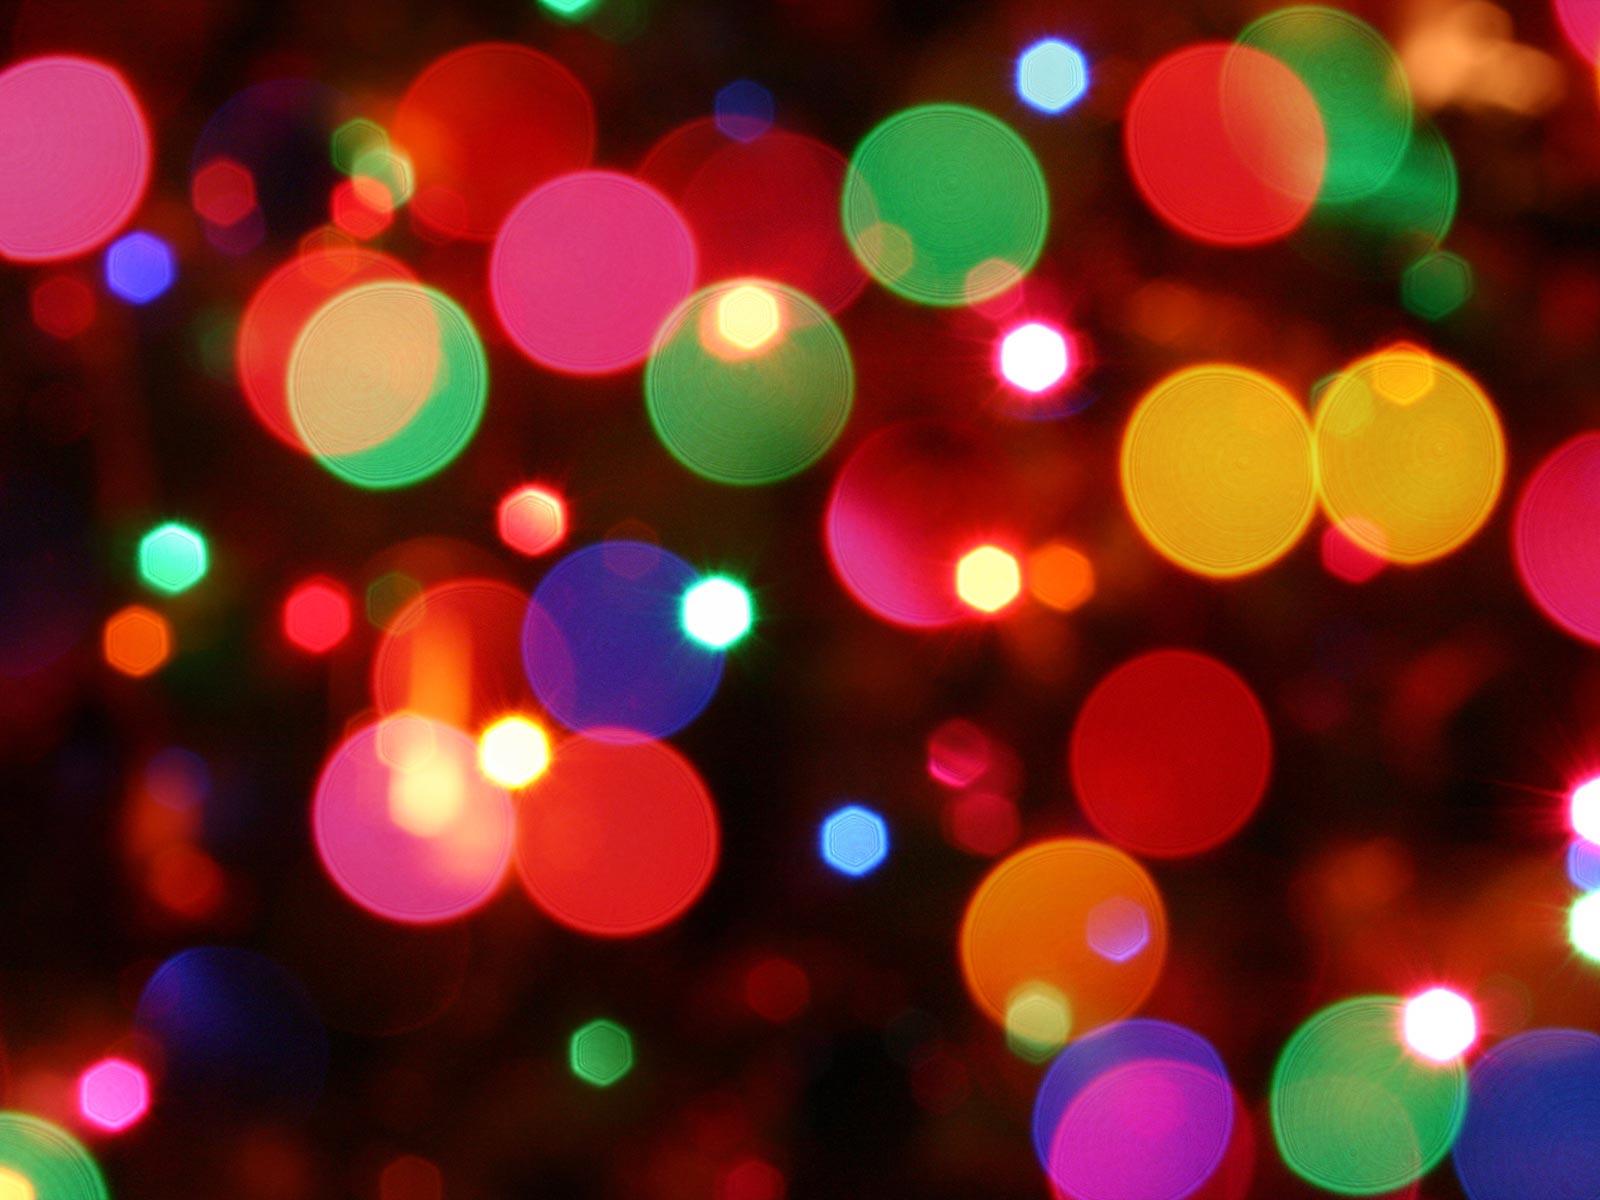 christmas-backgrounds-wallpaper-027.jpg